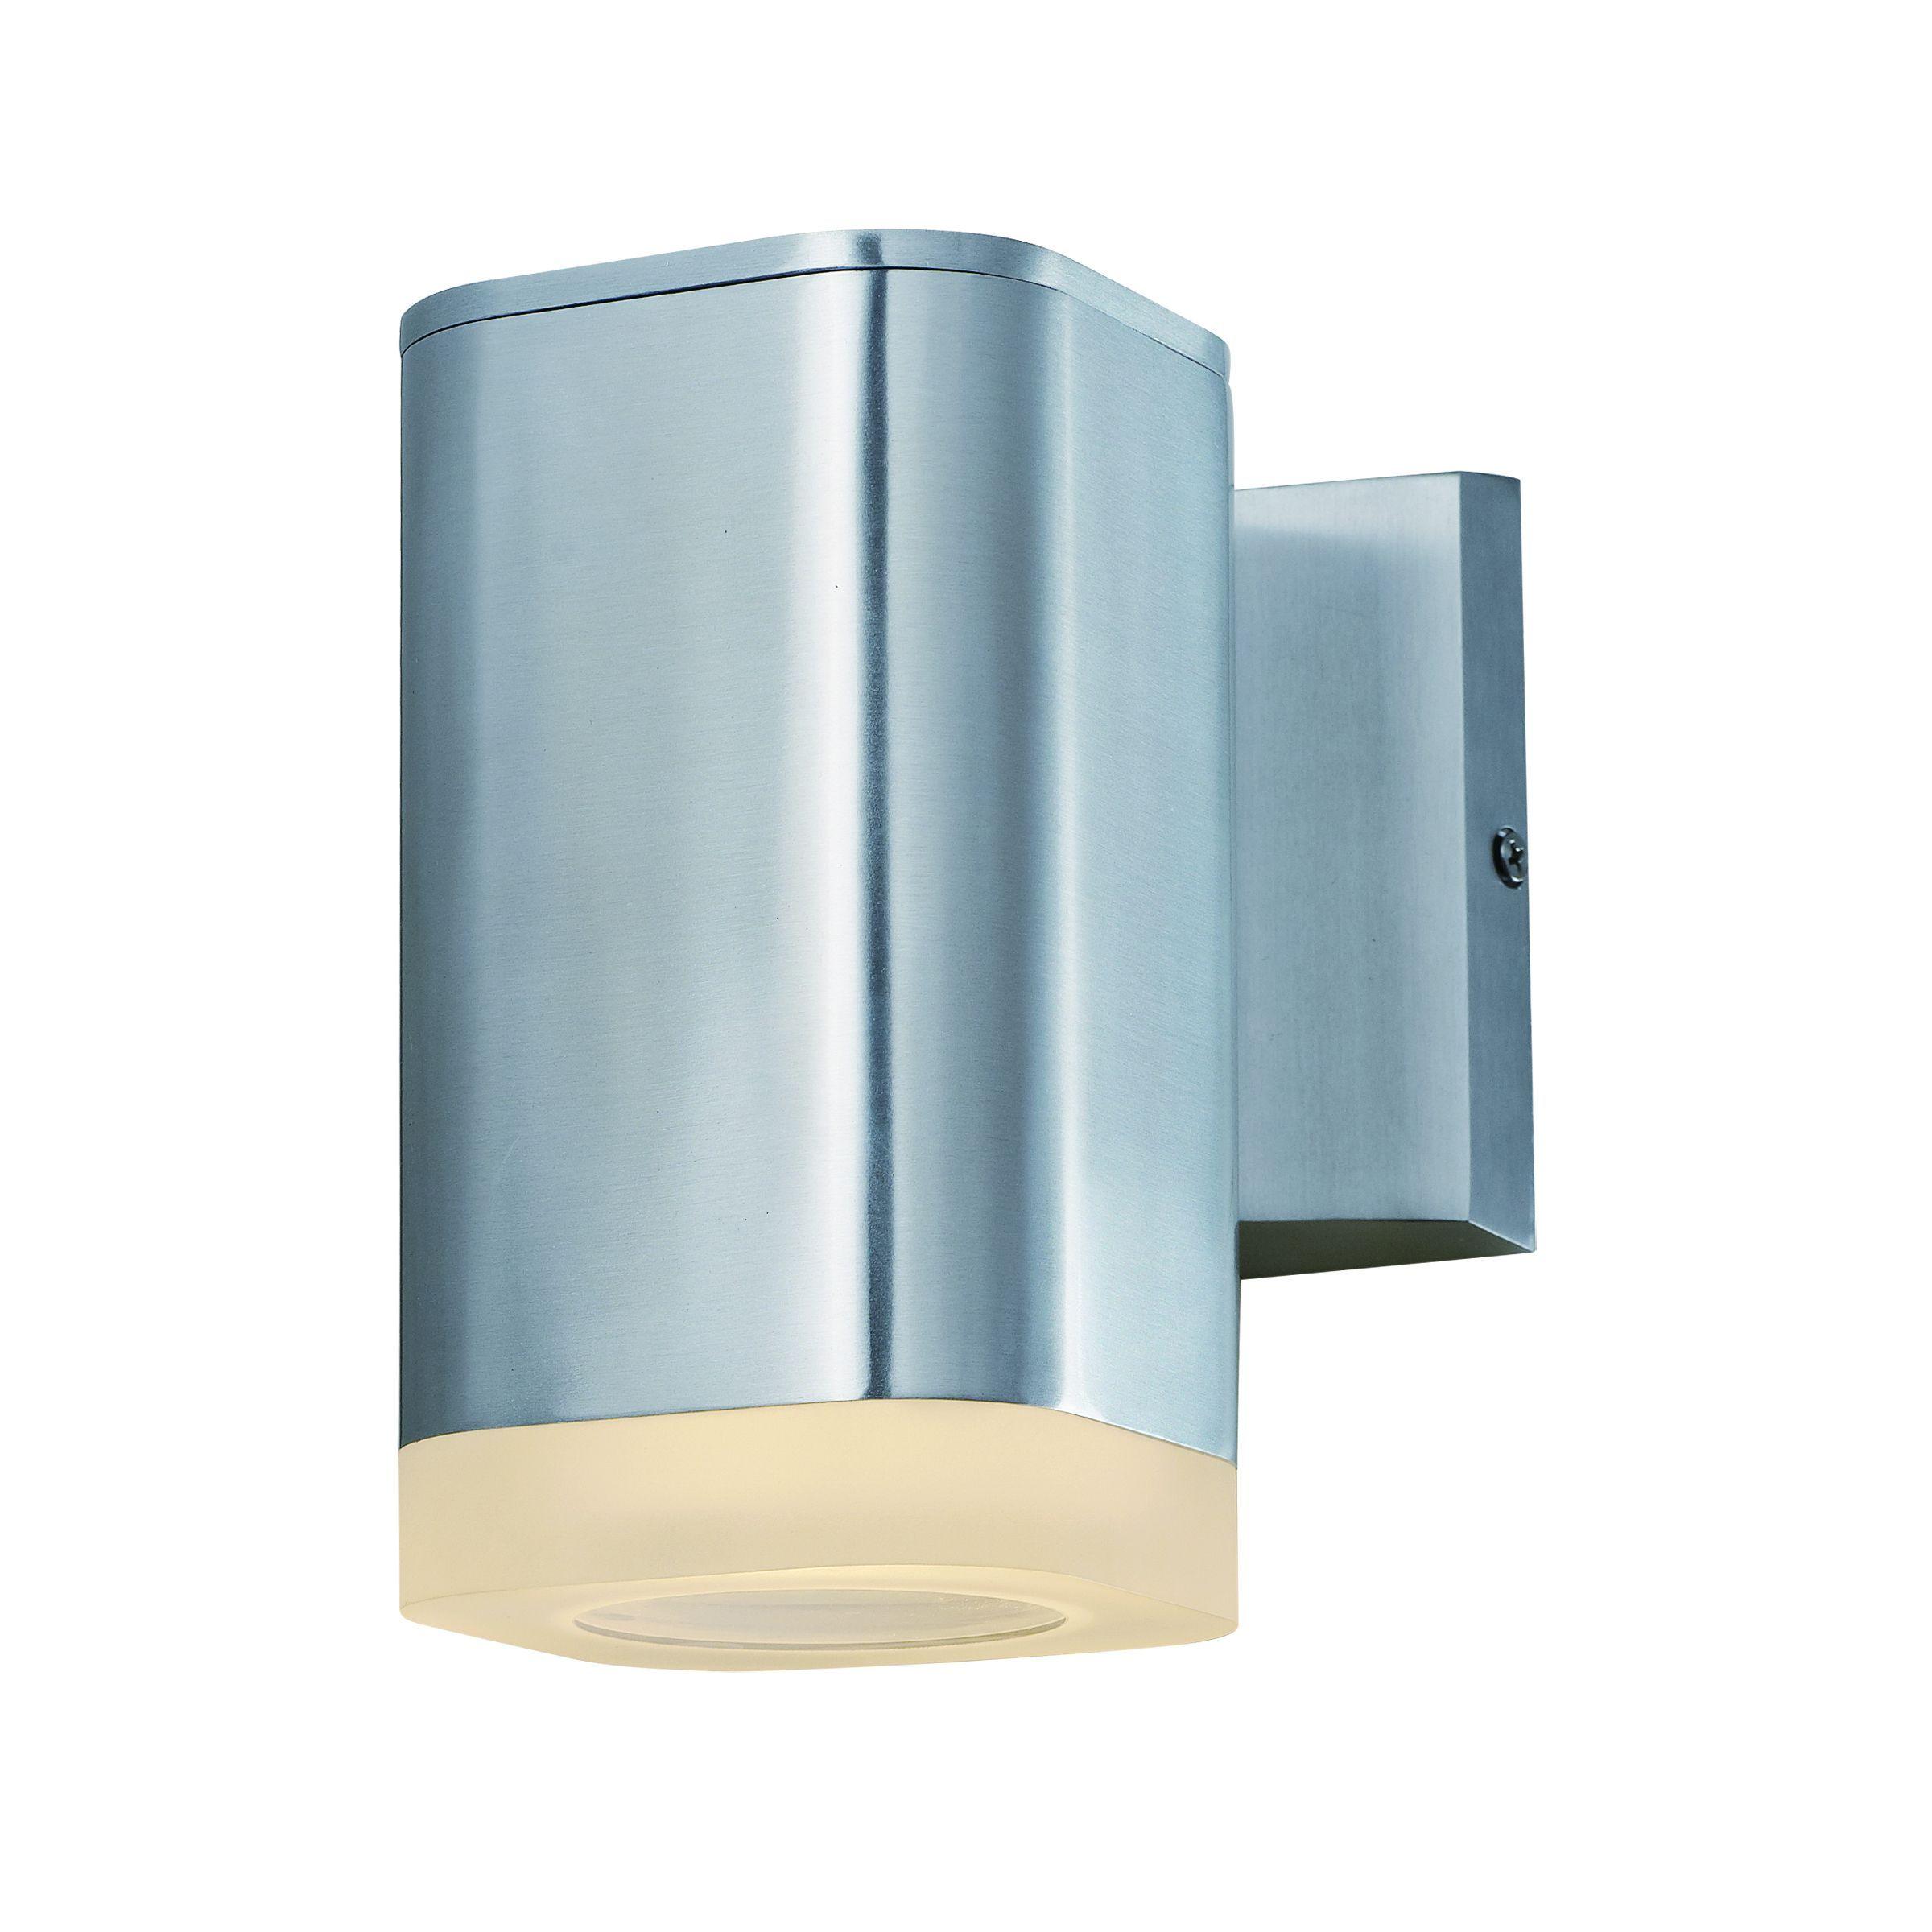 Maxim lightray ledoutdoor wall mount brushed aluminum pcb led